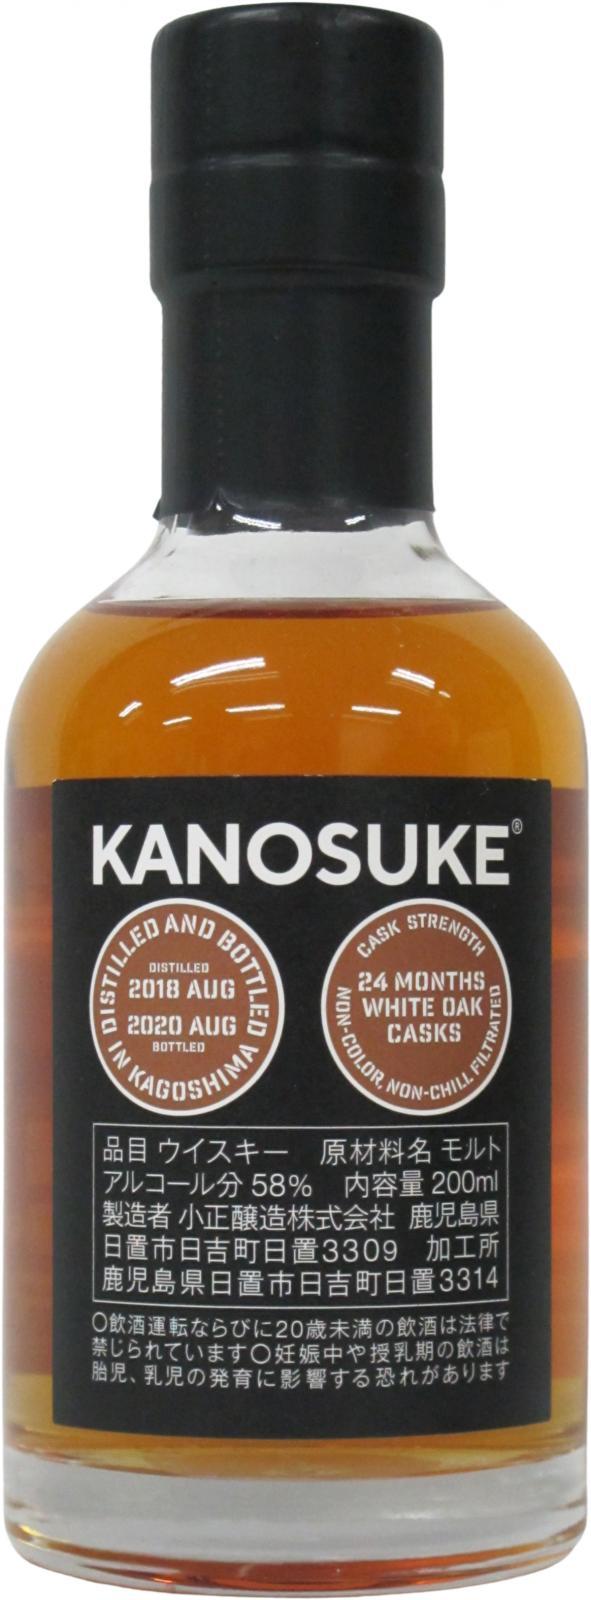 Kanosuke 02-year-old